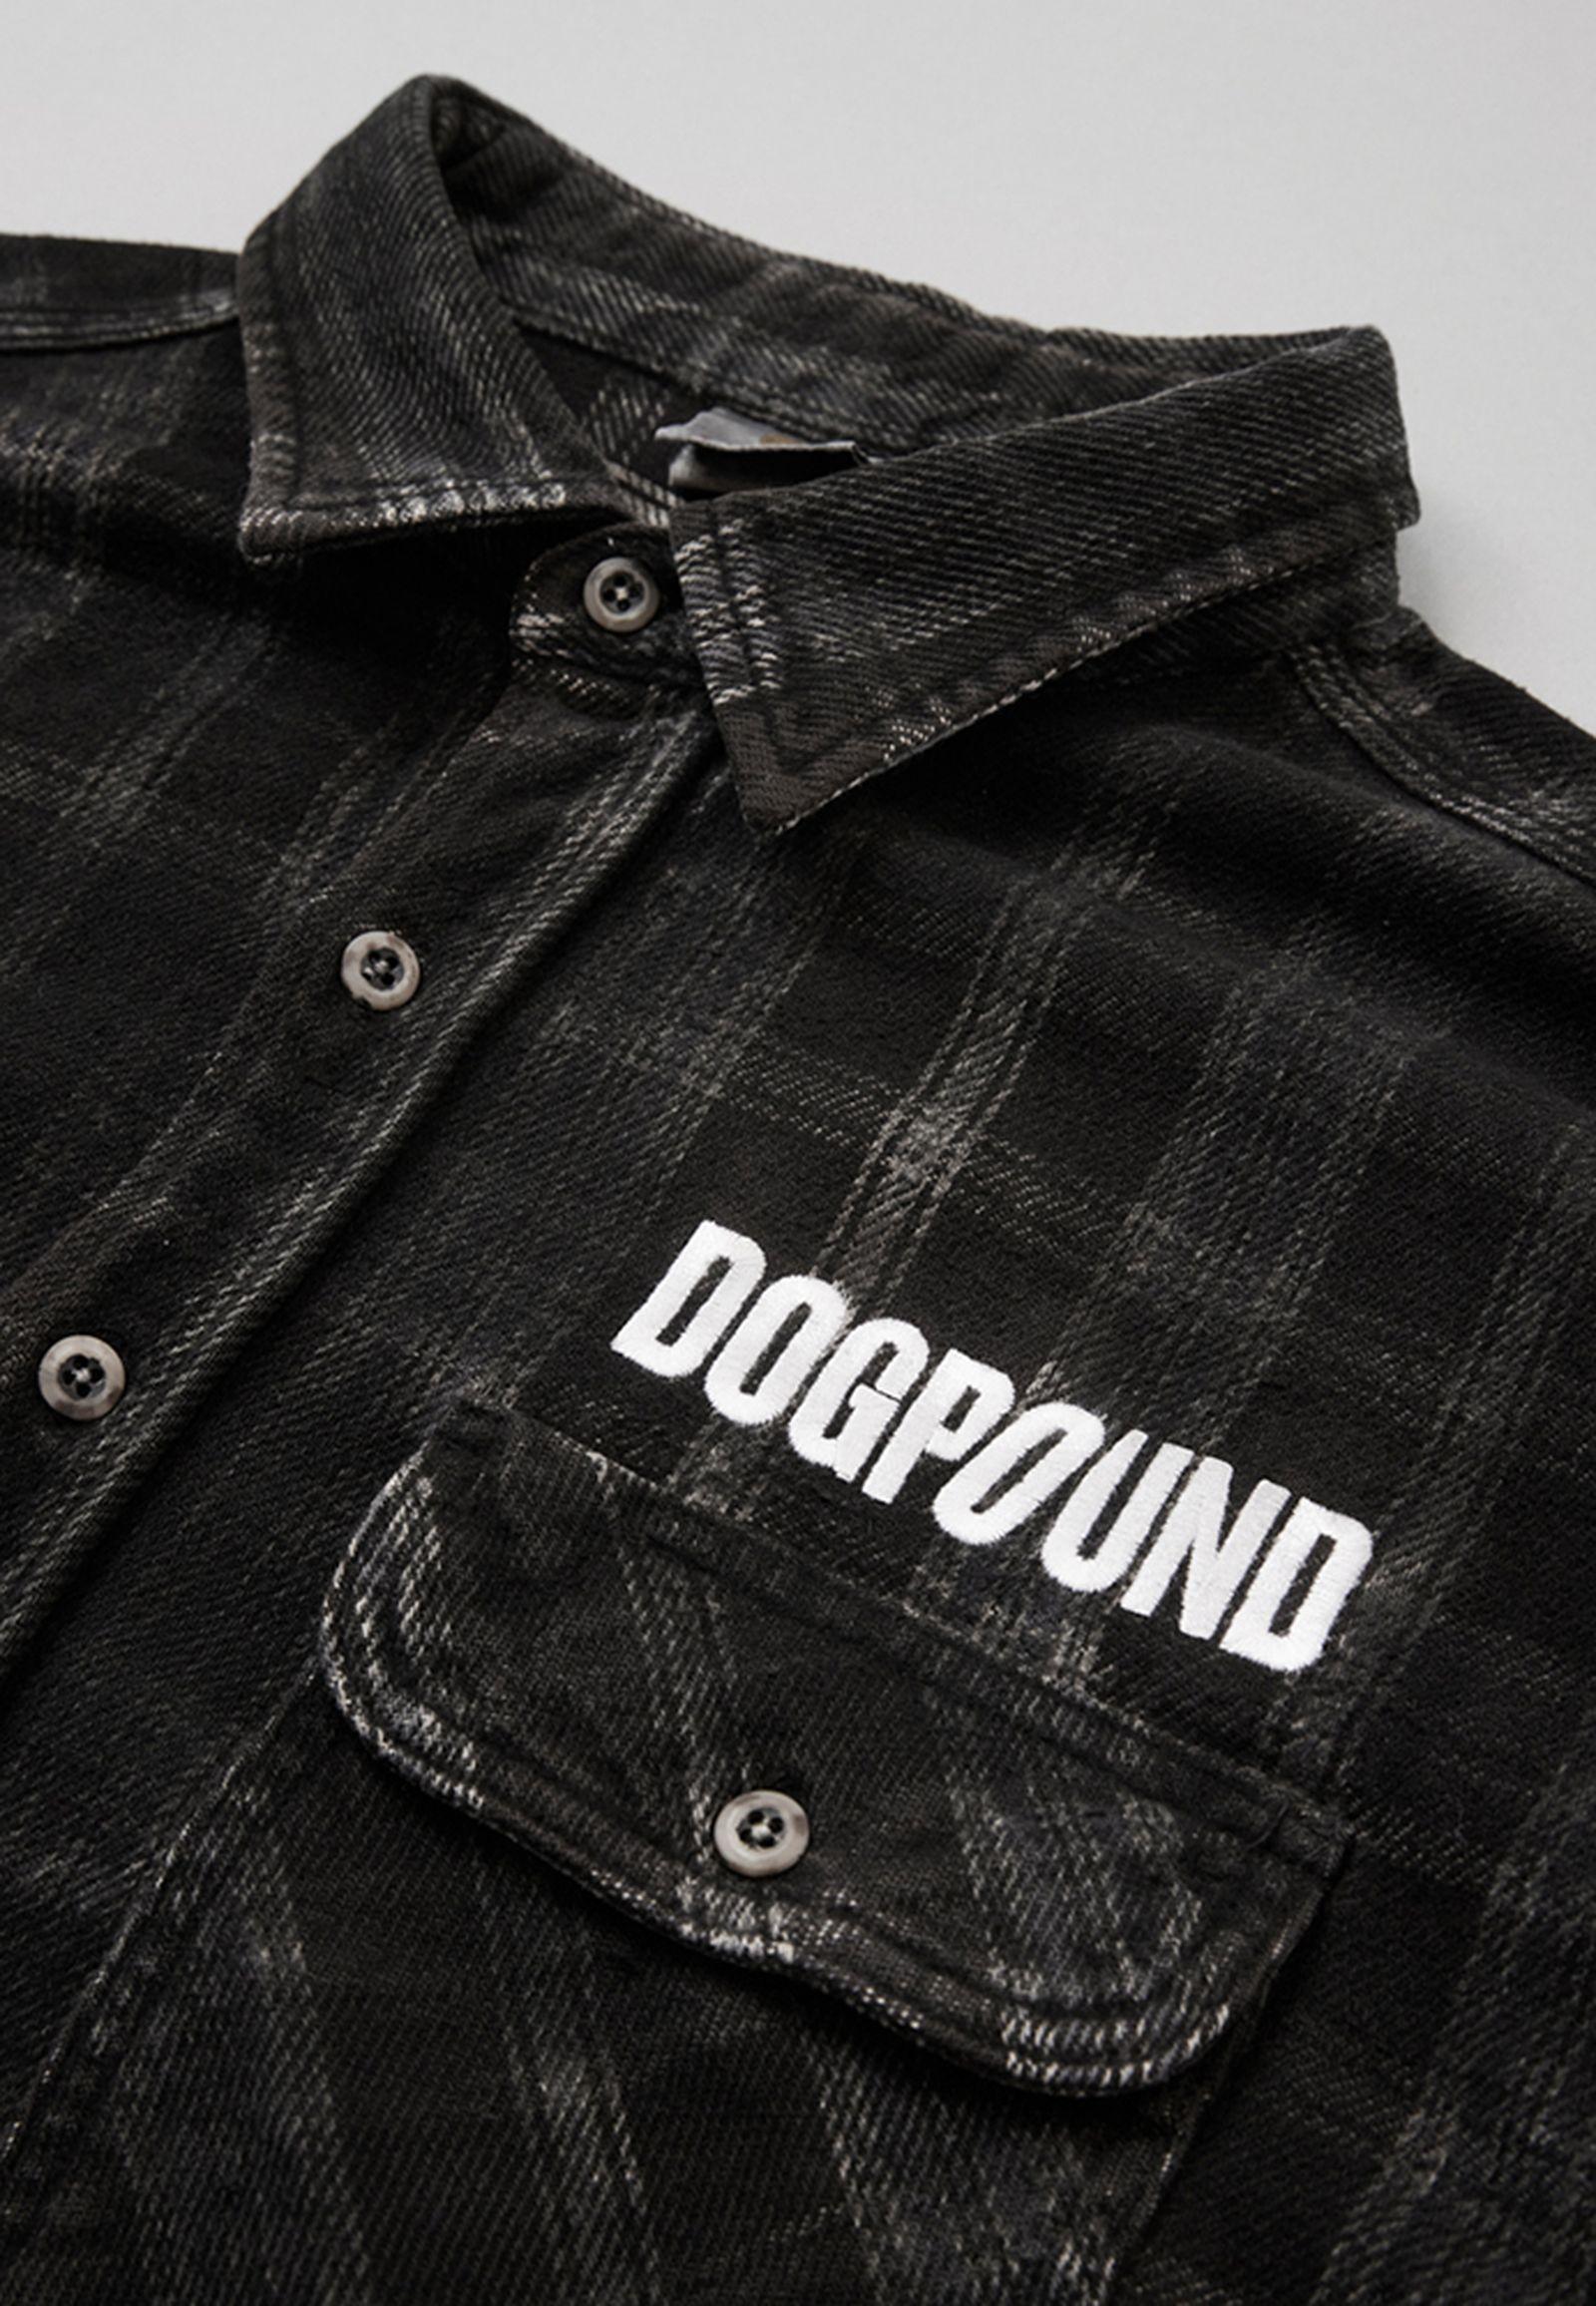 dogpound-upcycled-carhartt-capsule-01